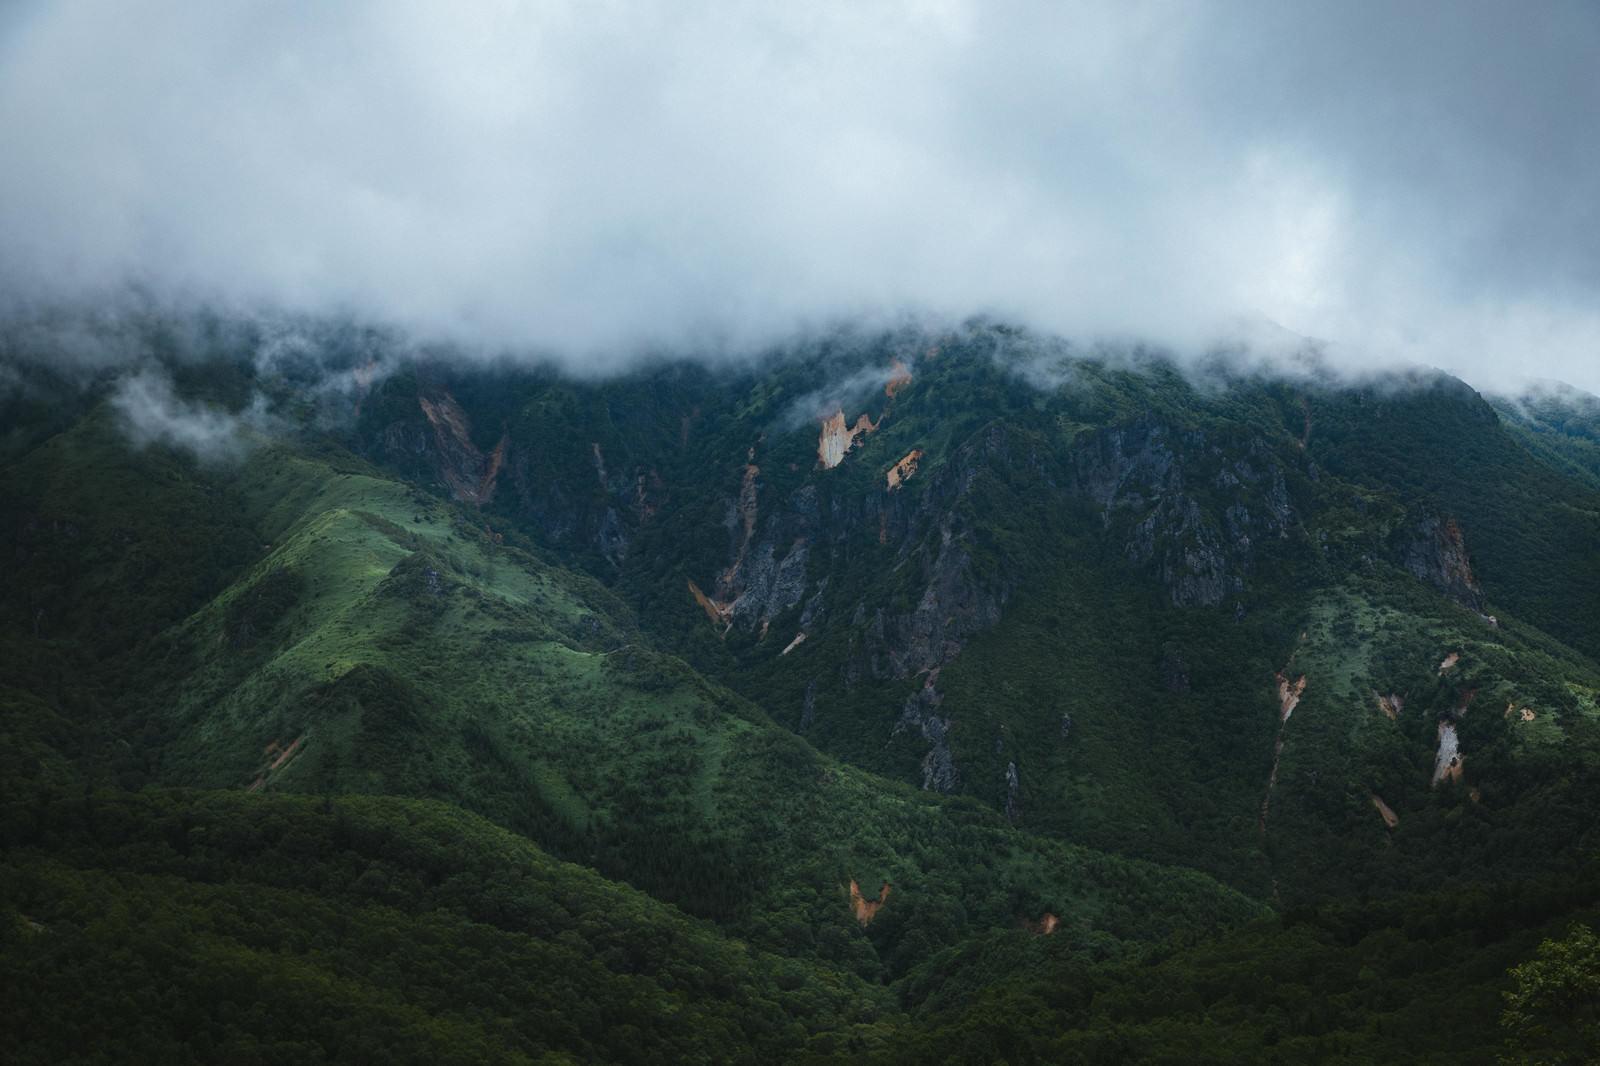 「雨雲と渓谷(毛無峠・破風岳付近)」の写真